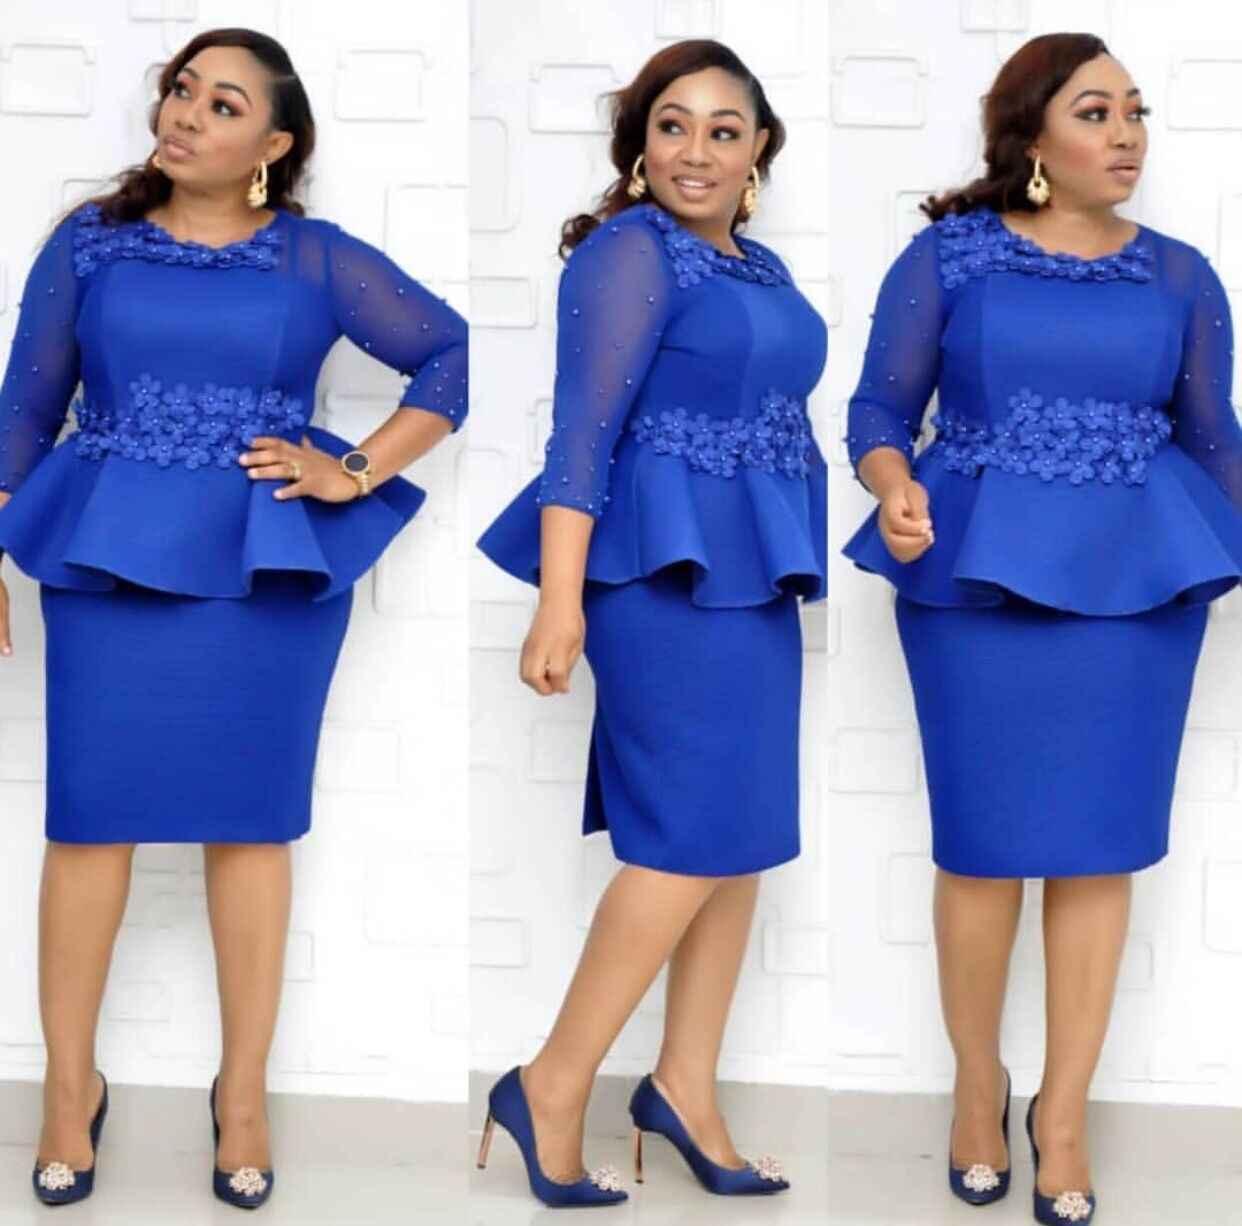 2019 nuovo stile di modo di autunno donne africane di bellezza più il formato al ginocchio-lunghezza del vestito L-3XL